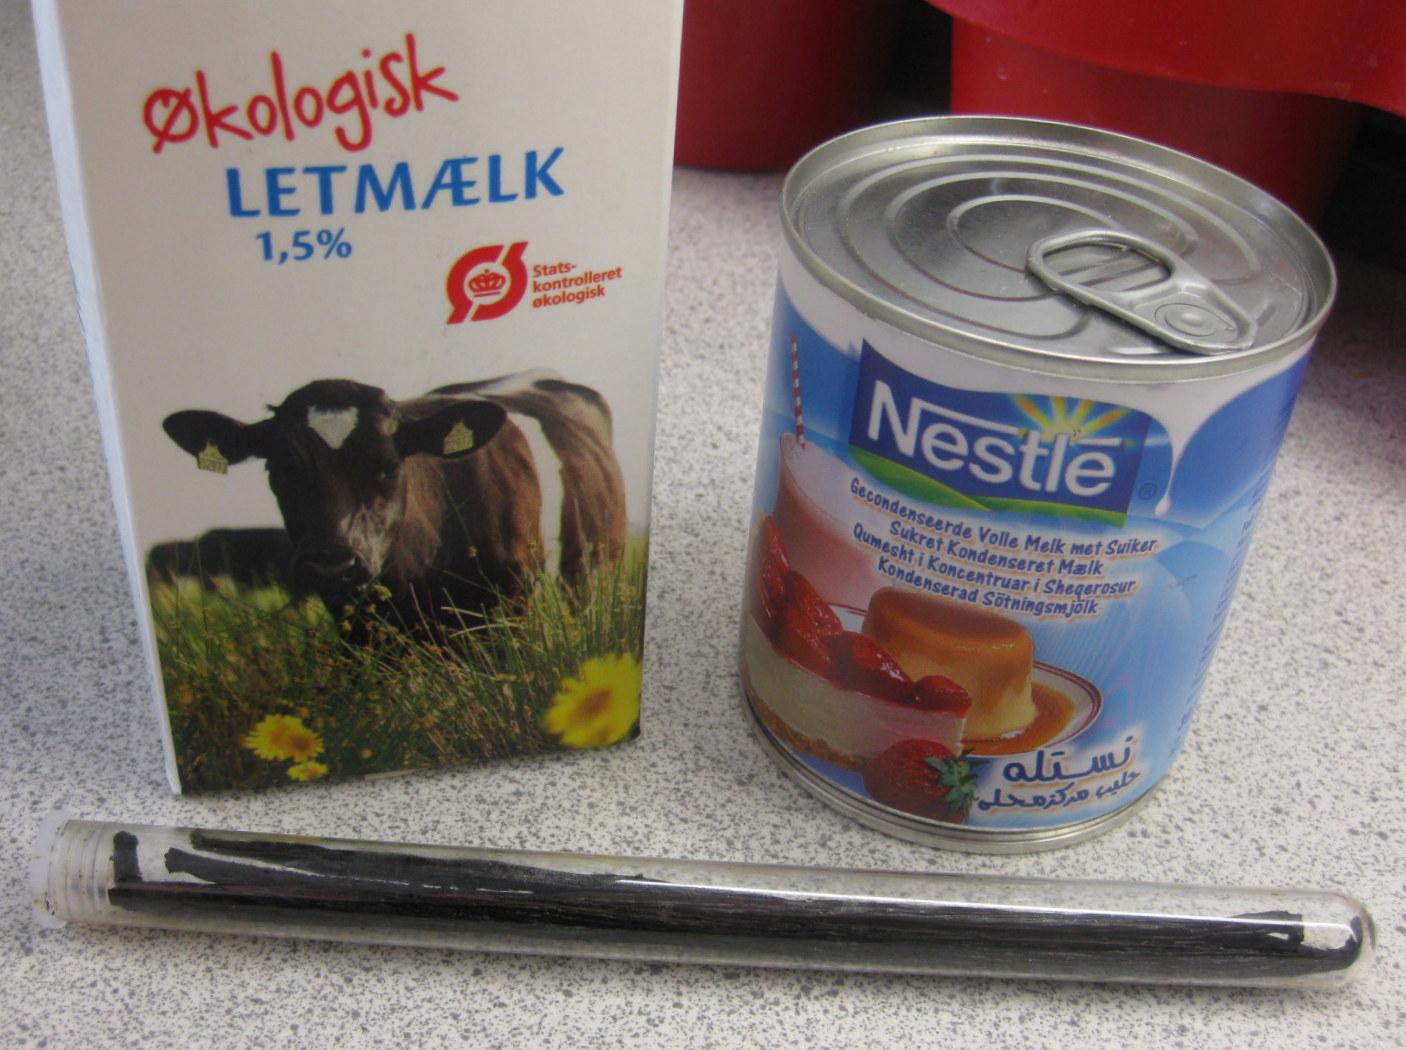 kondenseret mælk kalorier